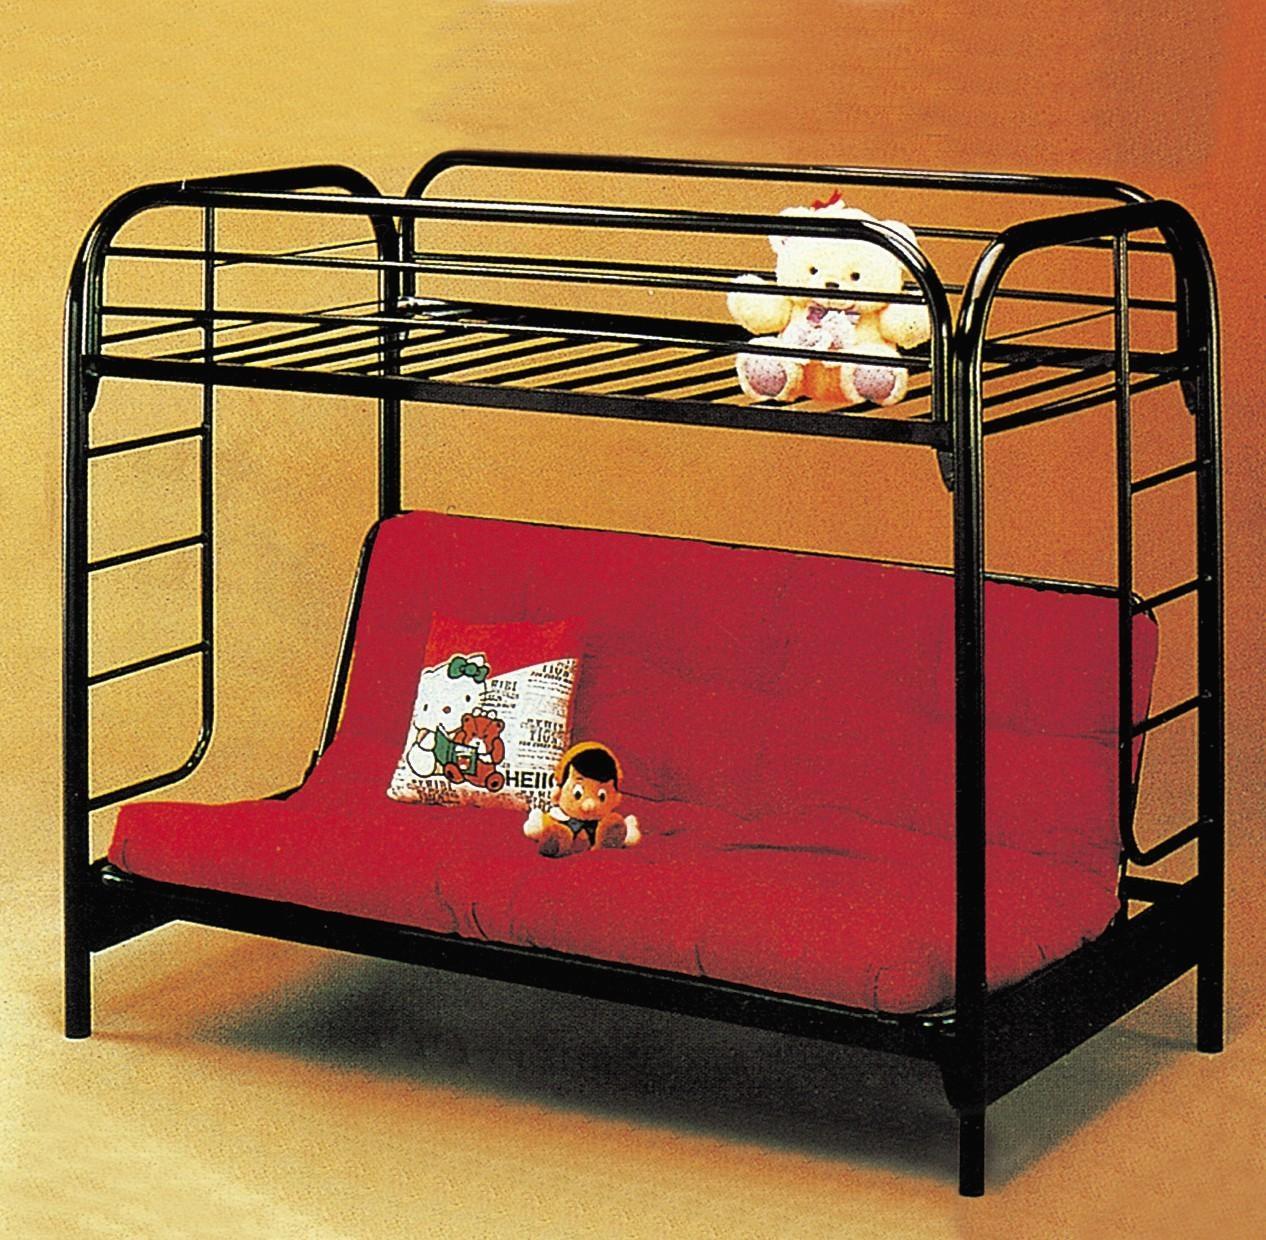 Mattresses : Full Over Full Futon Bunk Bed Futon Bunk Bed With With Kmart Futon Beds (Image 18 of 20)